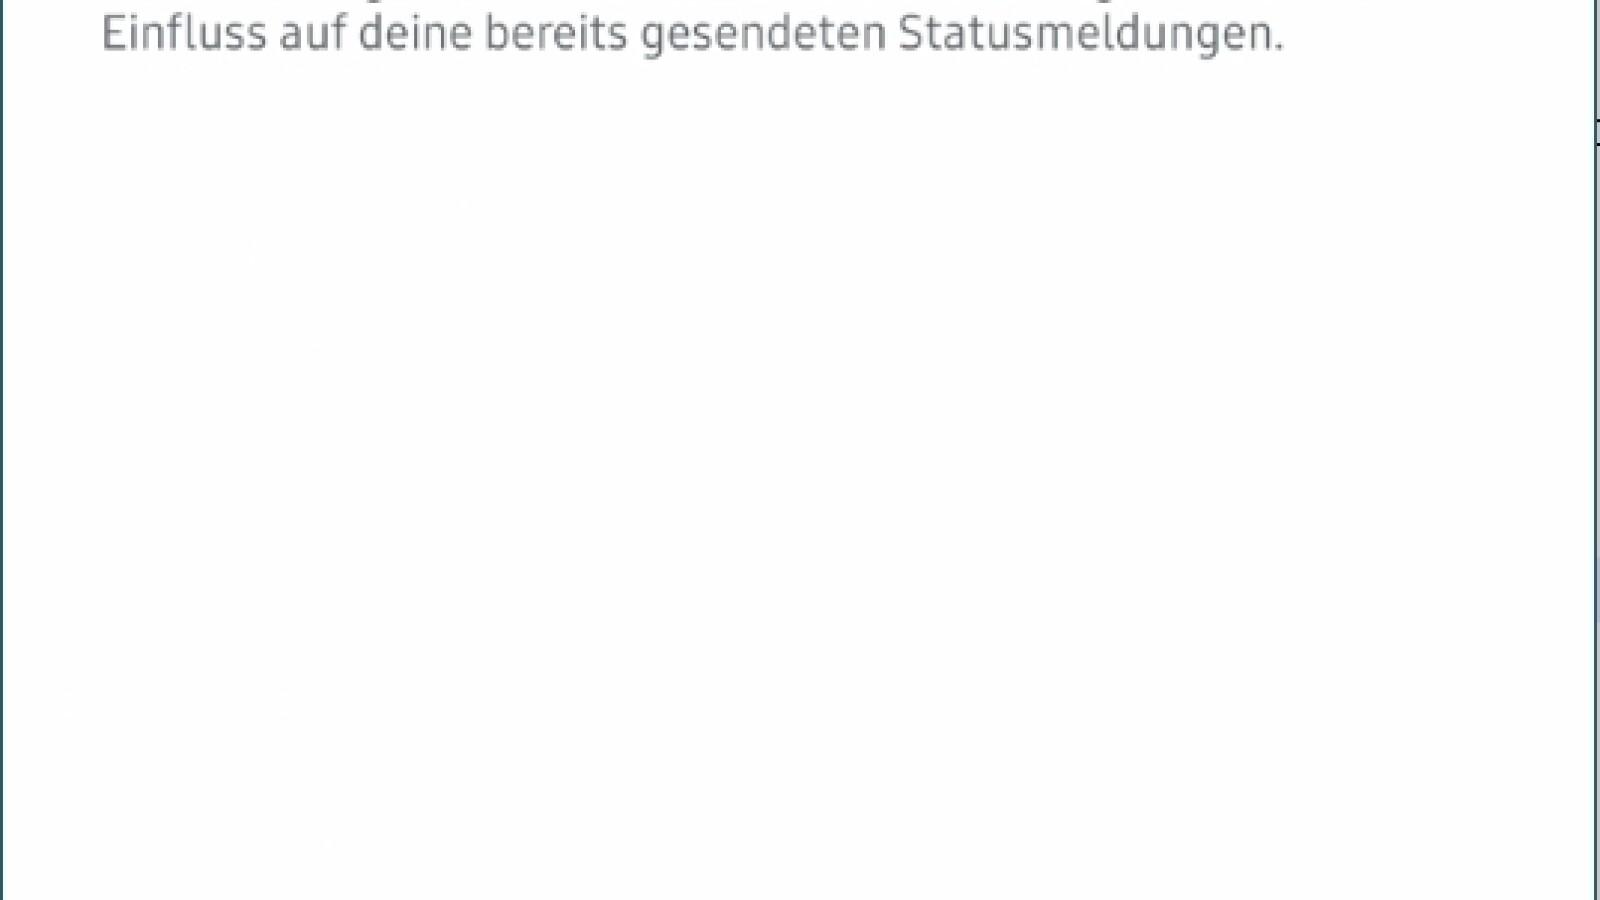 Online für personen whatsapp status verbergen bestimmte WhatsApp Online